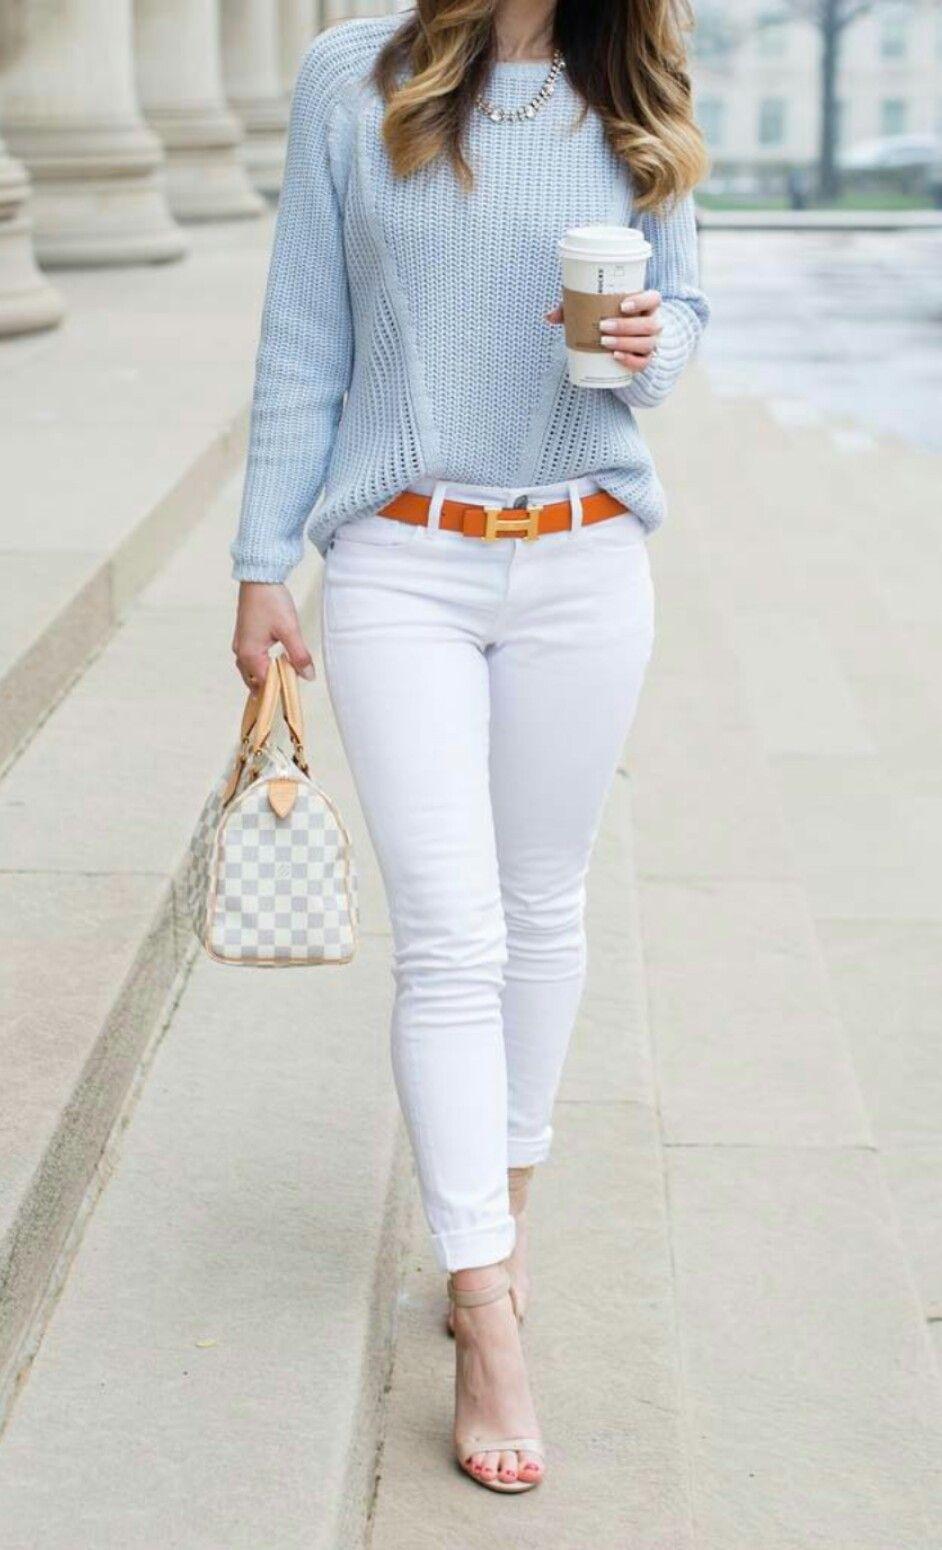 Basico Del Guardarropa Jeans Blanco Ropa Casual De Negocios Ropa Casual Ropa De Moda